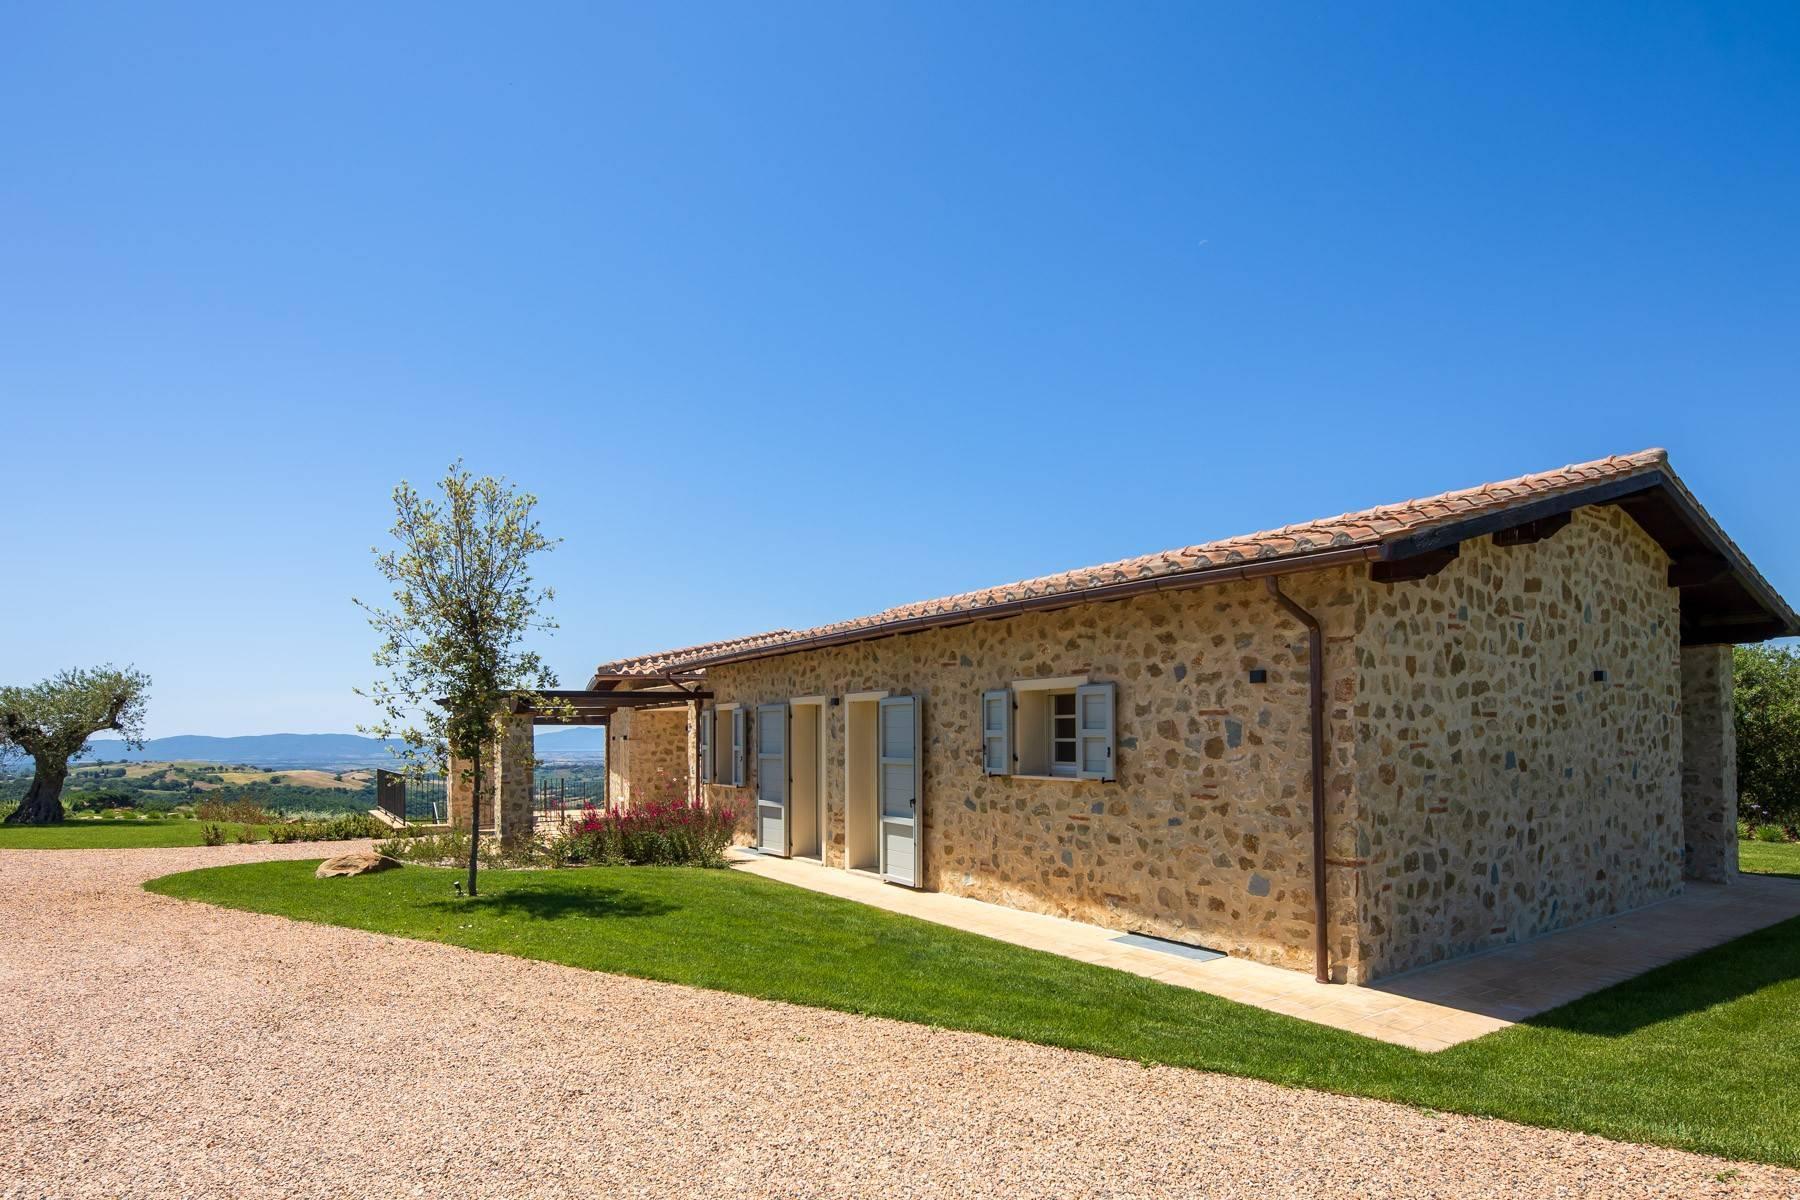 Esclusivo casale di nuova costruzione con piscina vista mare - 18